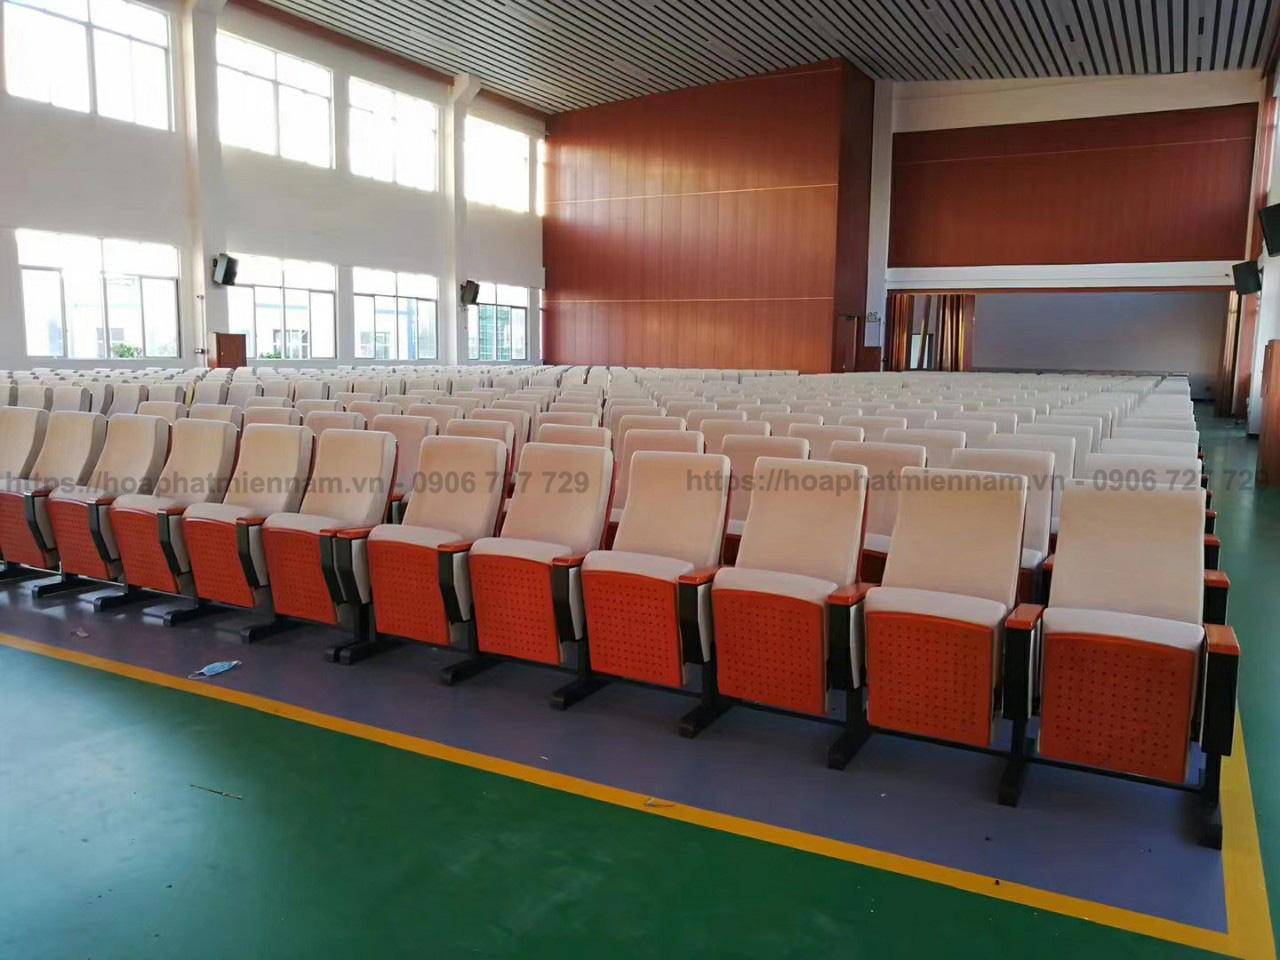 Hệ thống âm thanh kết hợp ốp gỗ tại hội trường